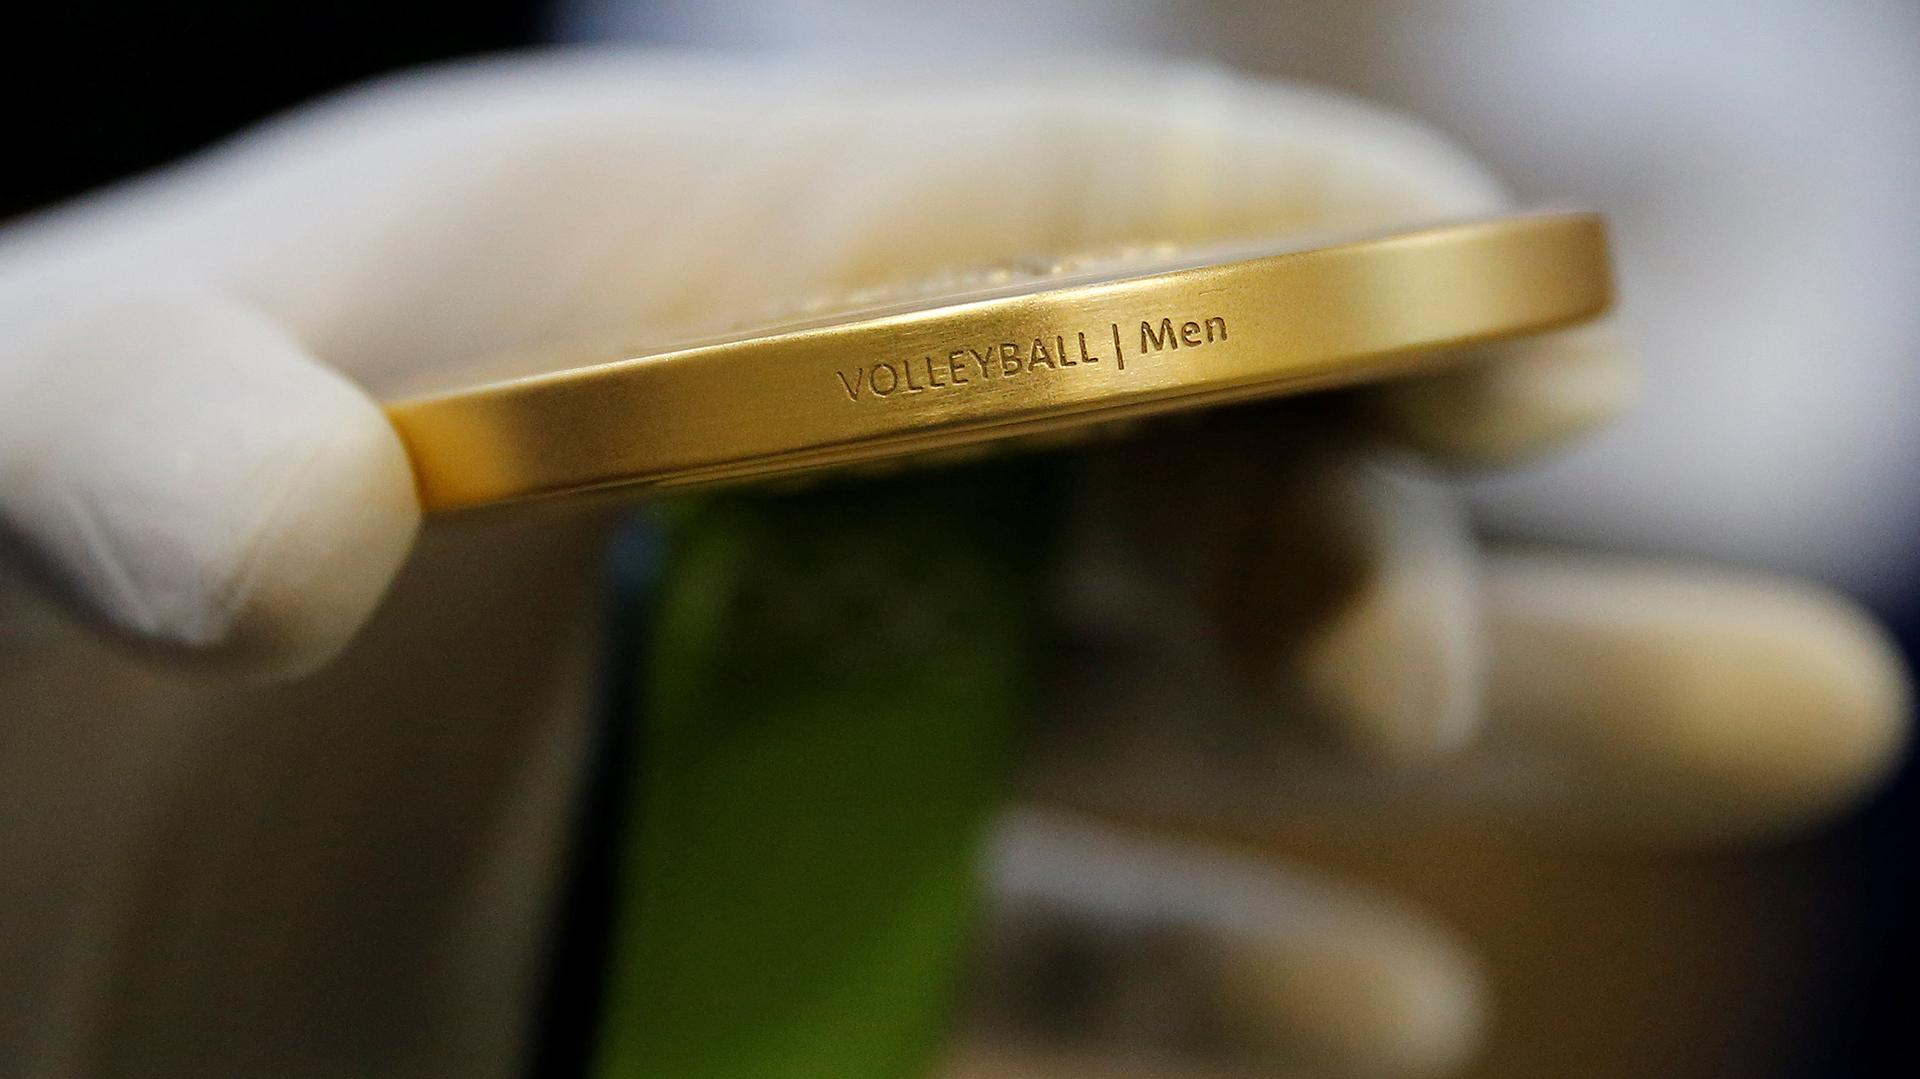 El detalle de la disciplina está grabado a lo largo del borde de cada medalla (Reuters)